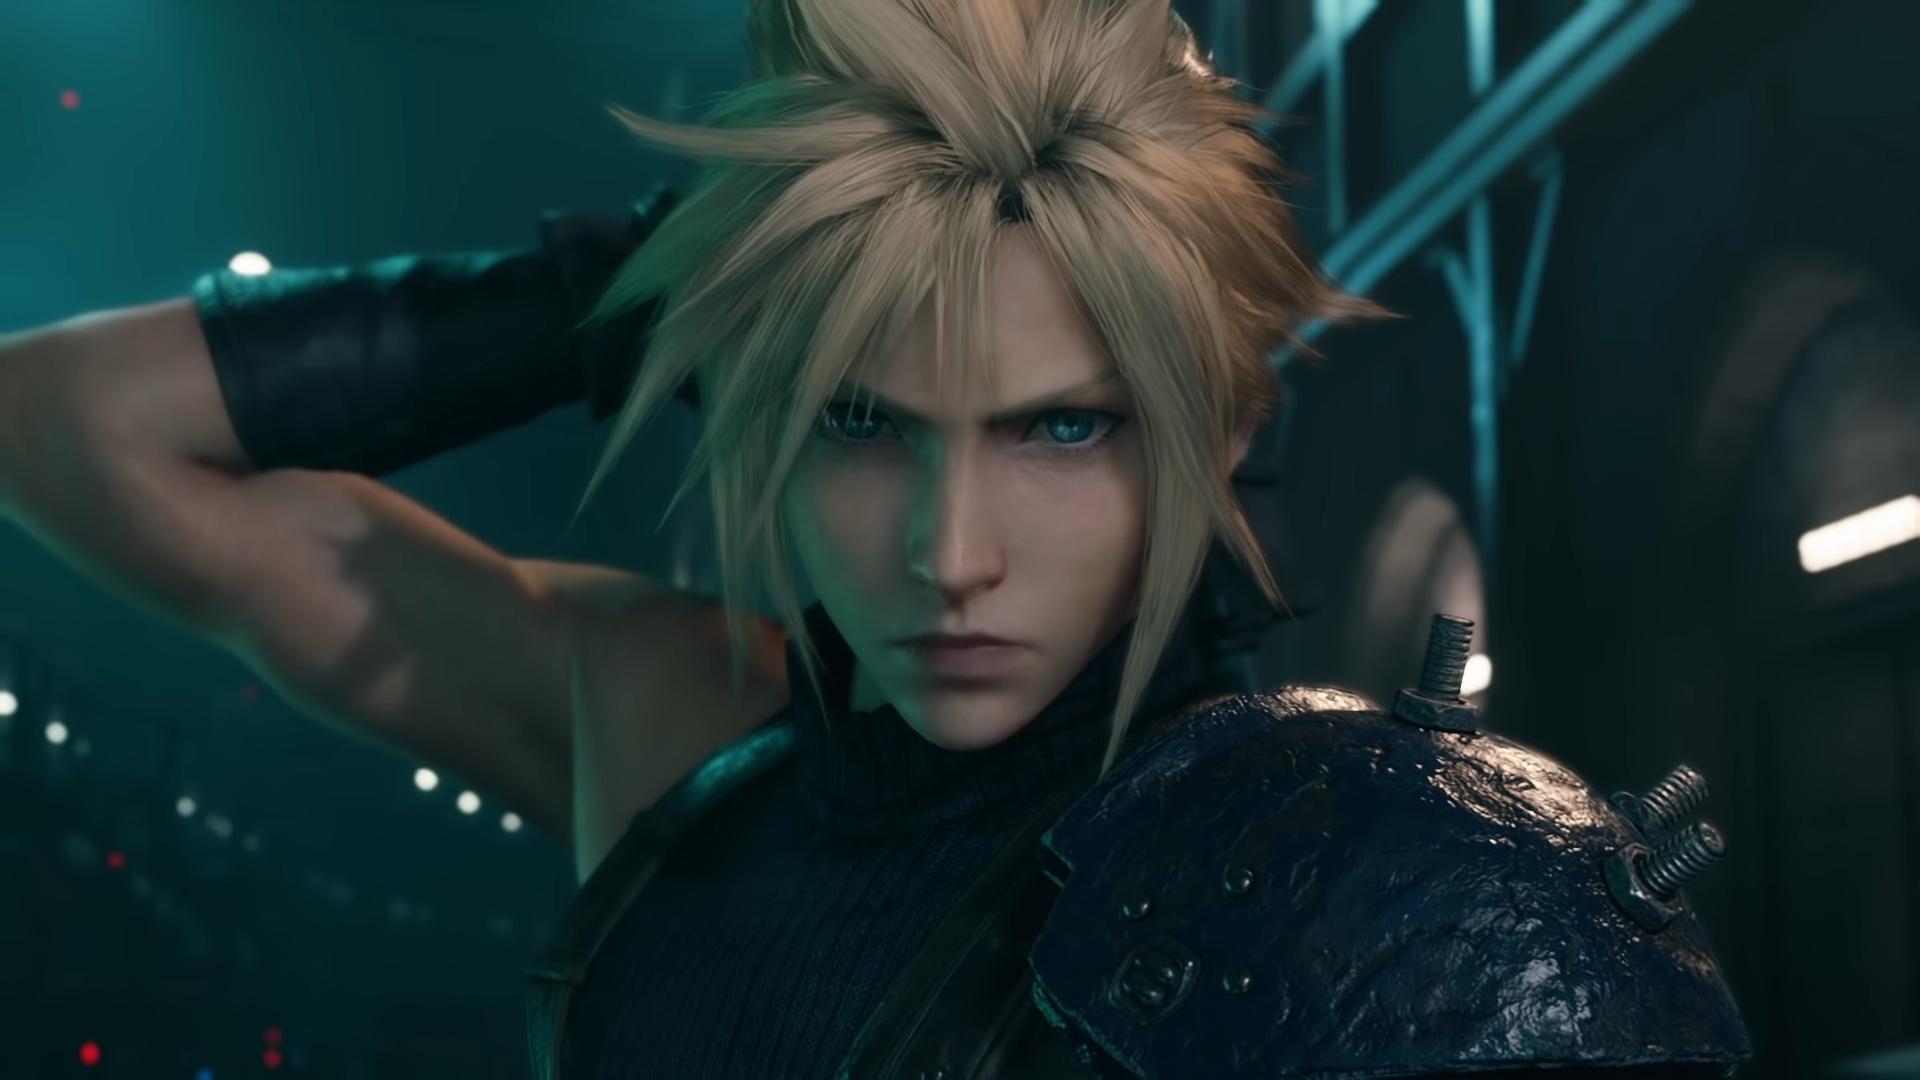 Arriva il filmato iniziale di Final Fantasy 7 Remake